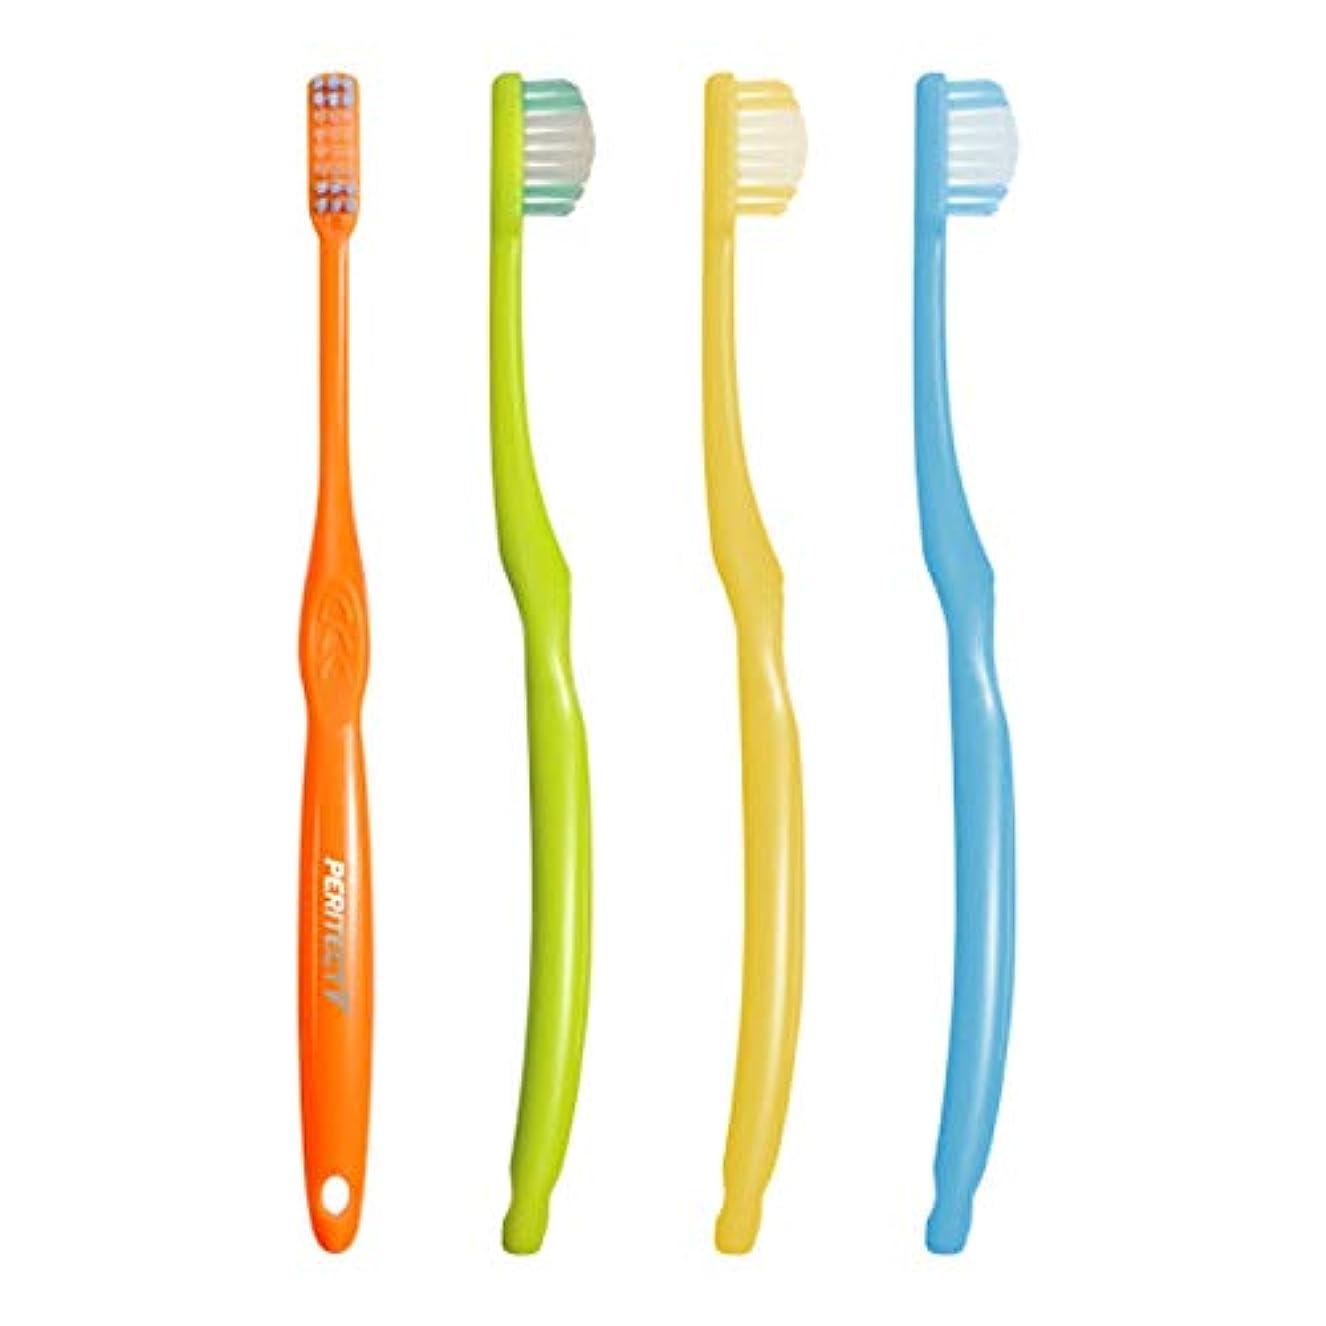 肥沃なコントラスト肌ビーブランド PERITECT V ペリテクト ブイ 8M(ふつう)×10本 ハブラシ 歯周病予防 歯科専売品